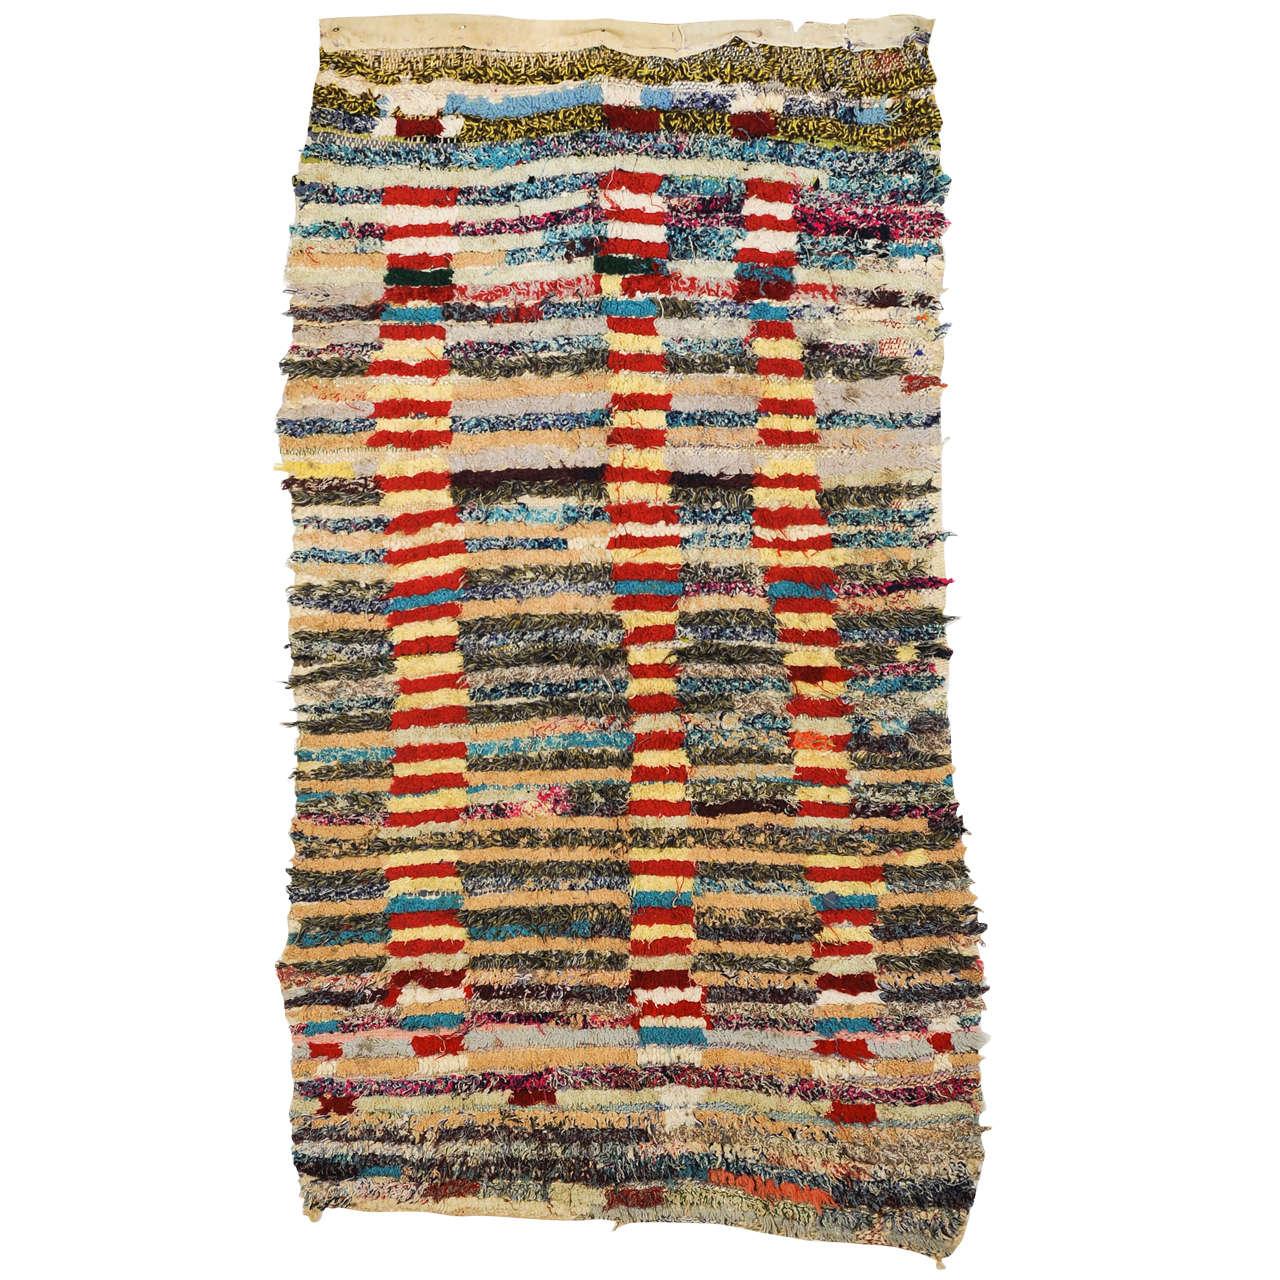 Abstract Moroccan Berber Boucherouite Rug